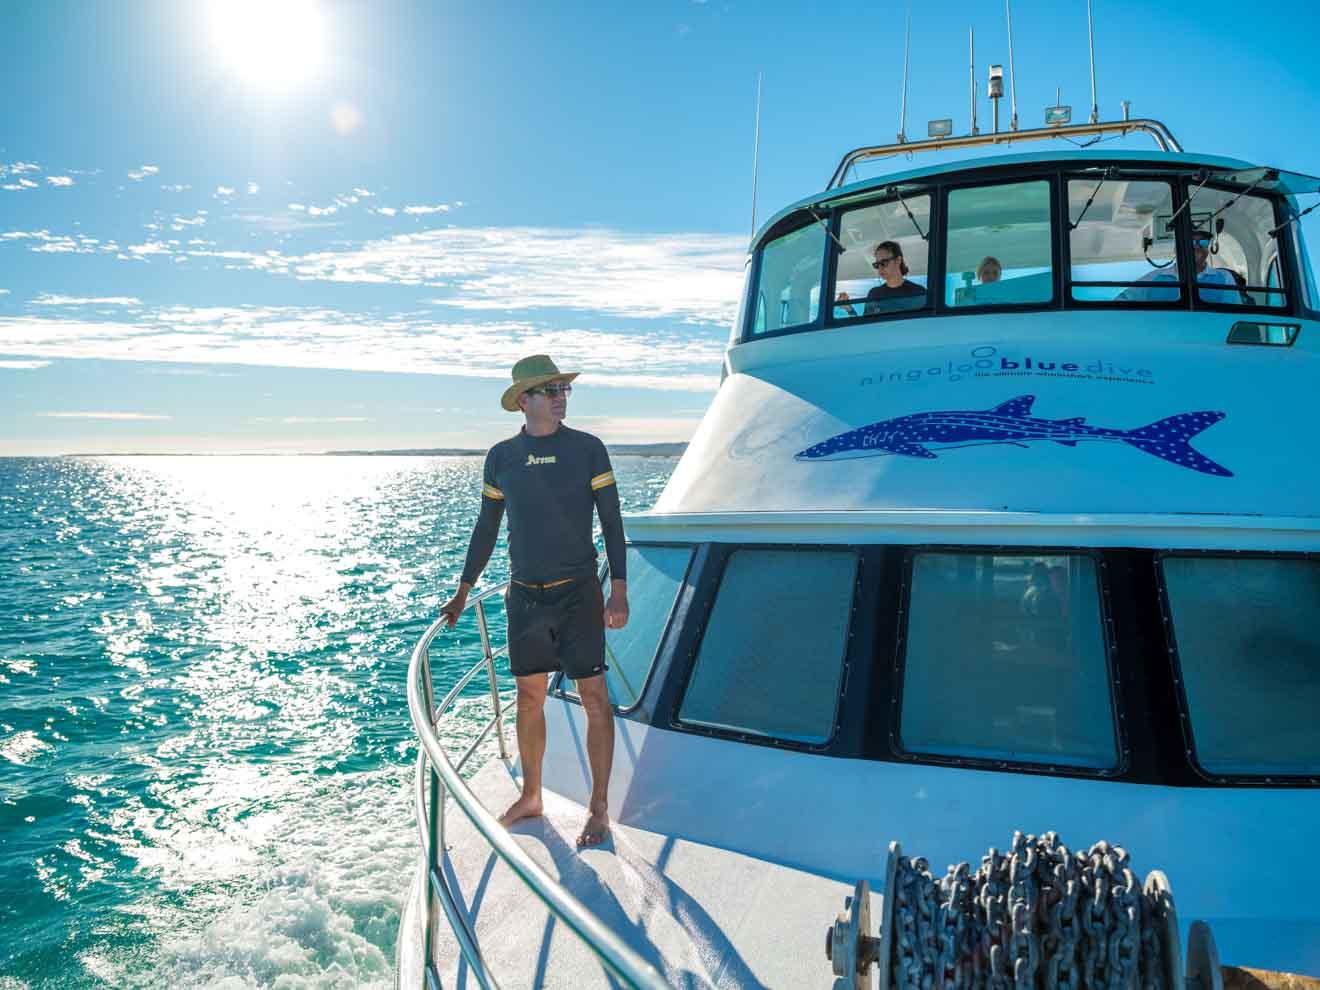 Marine Park Whale sharks Ningaloo reef tours